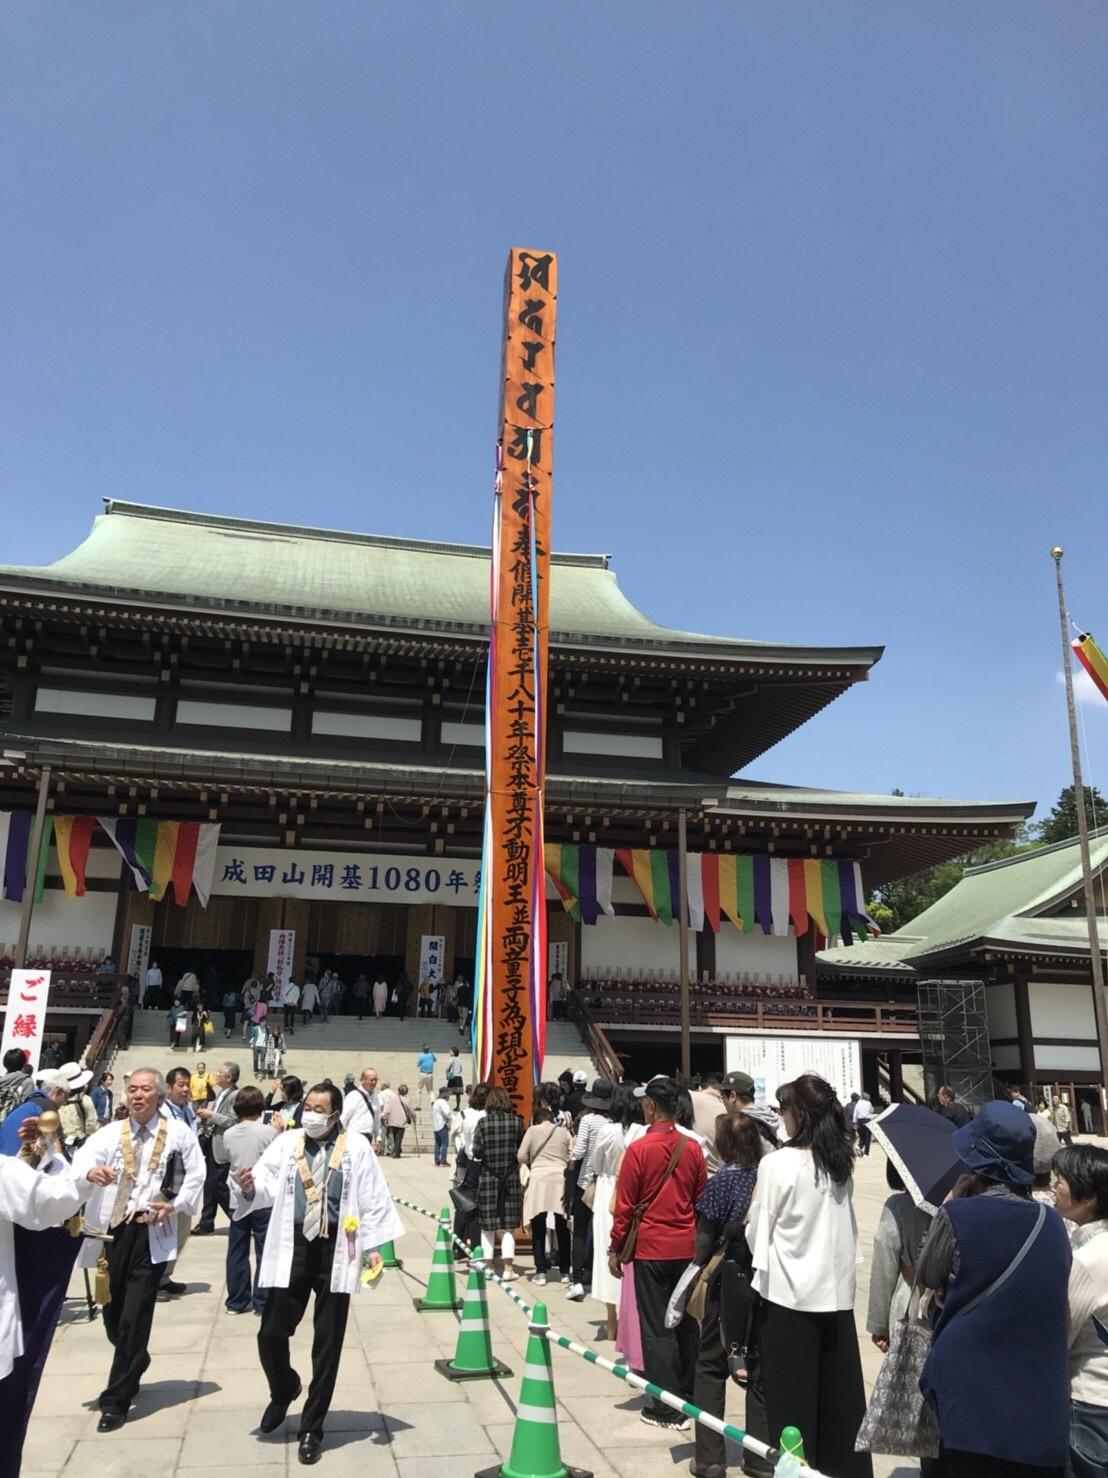 成田山開基1080年祭_a0218119_12074776.jpeg